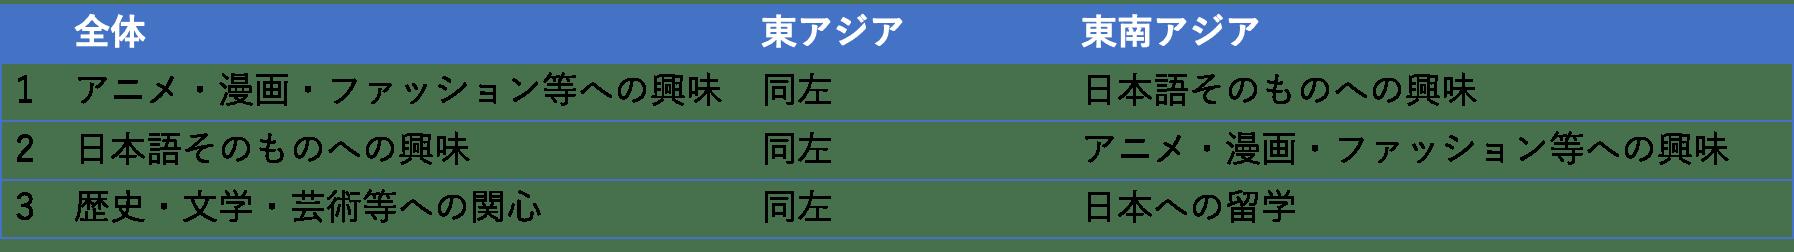 海外日本語学習意図